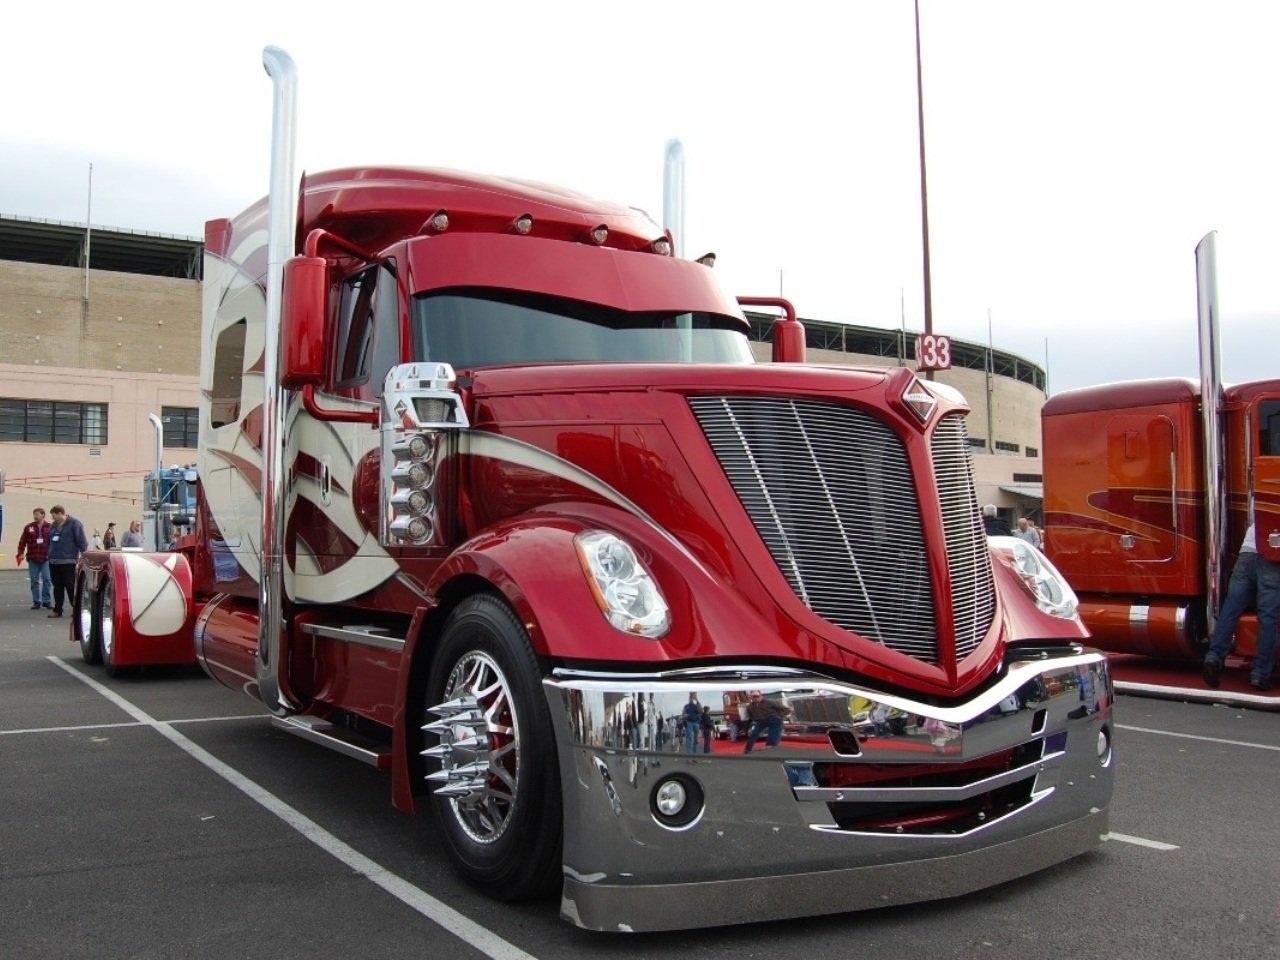 Ремонт и диагностика грузовиков Интернационал в Санкт-Петербурге